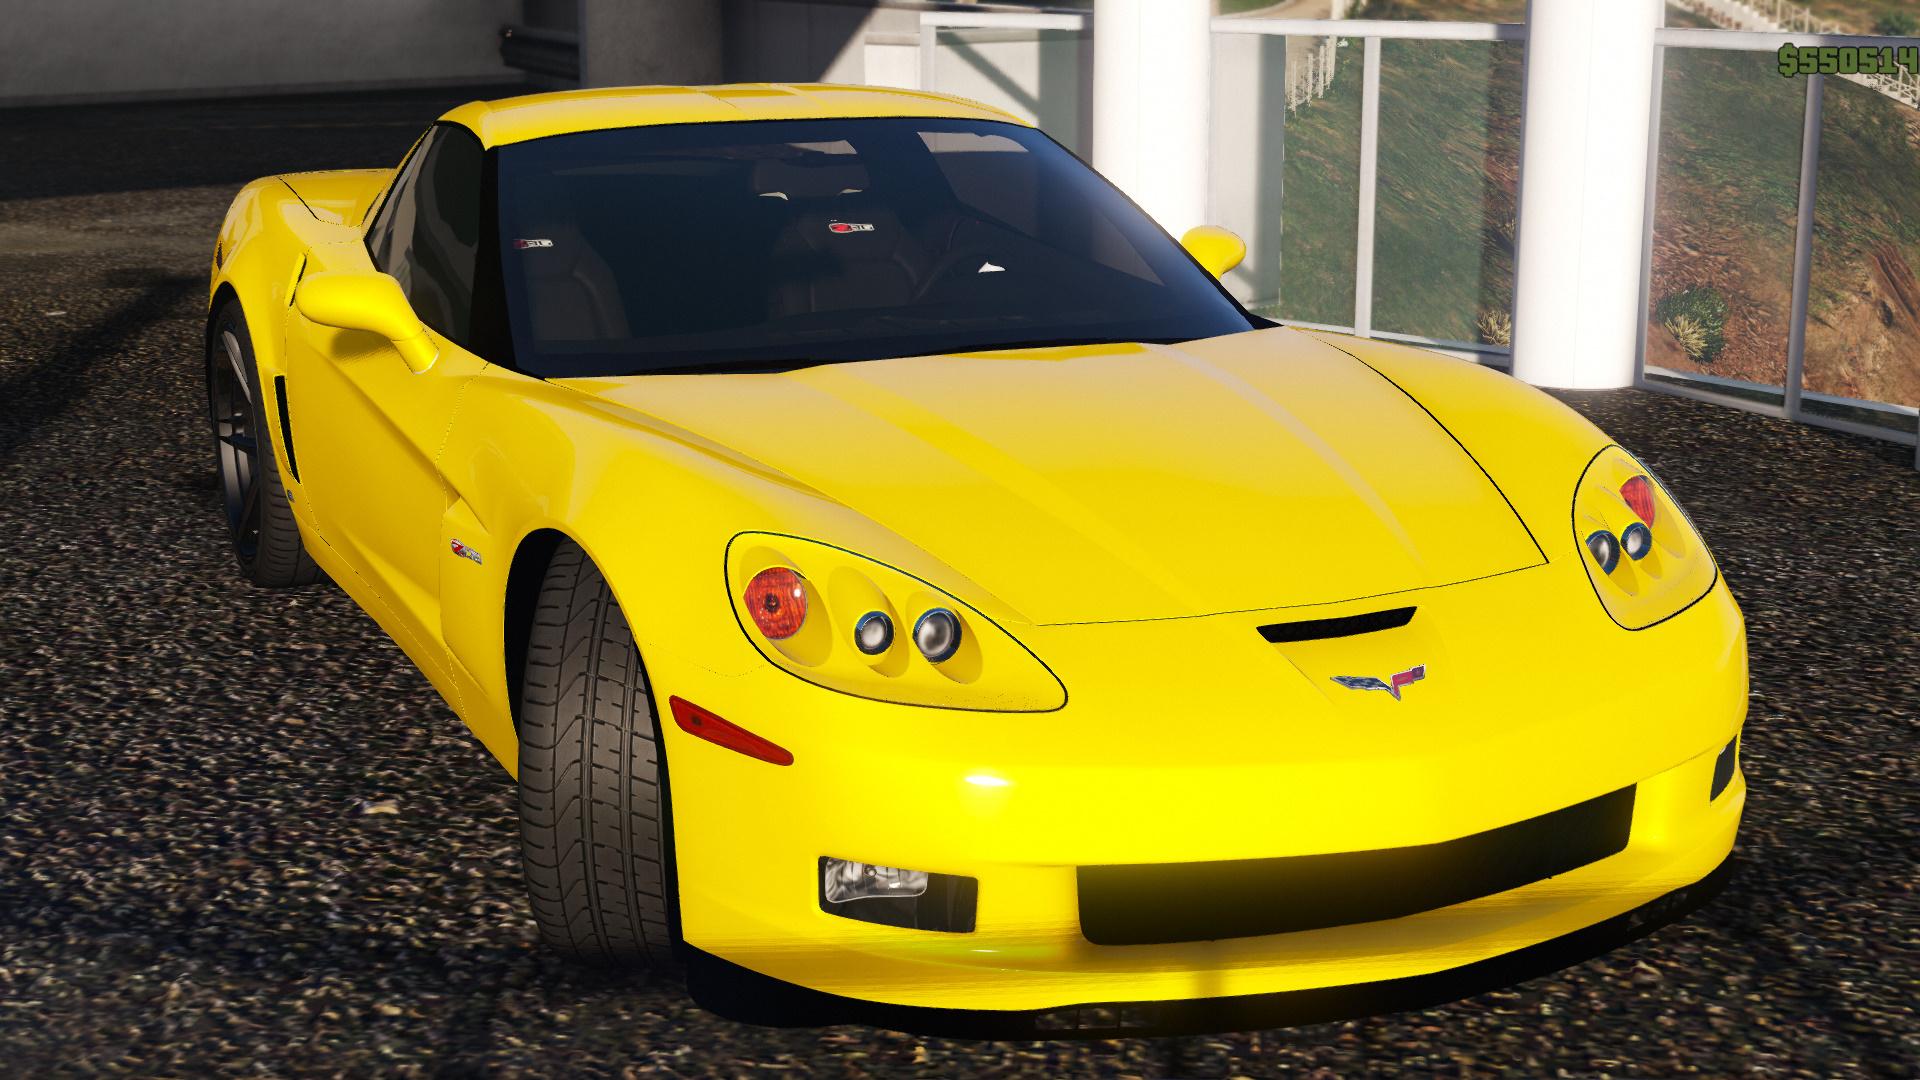 Kekurangan Chevrolet Corvette C6 Tangguh